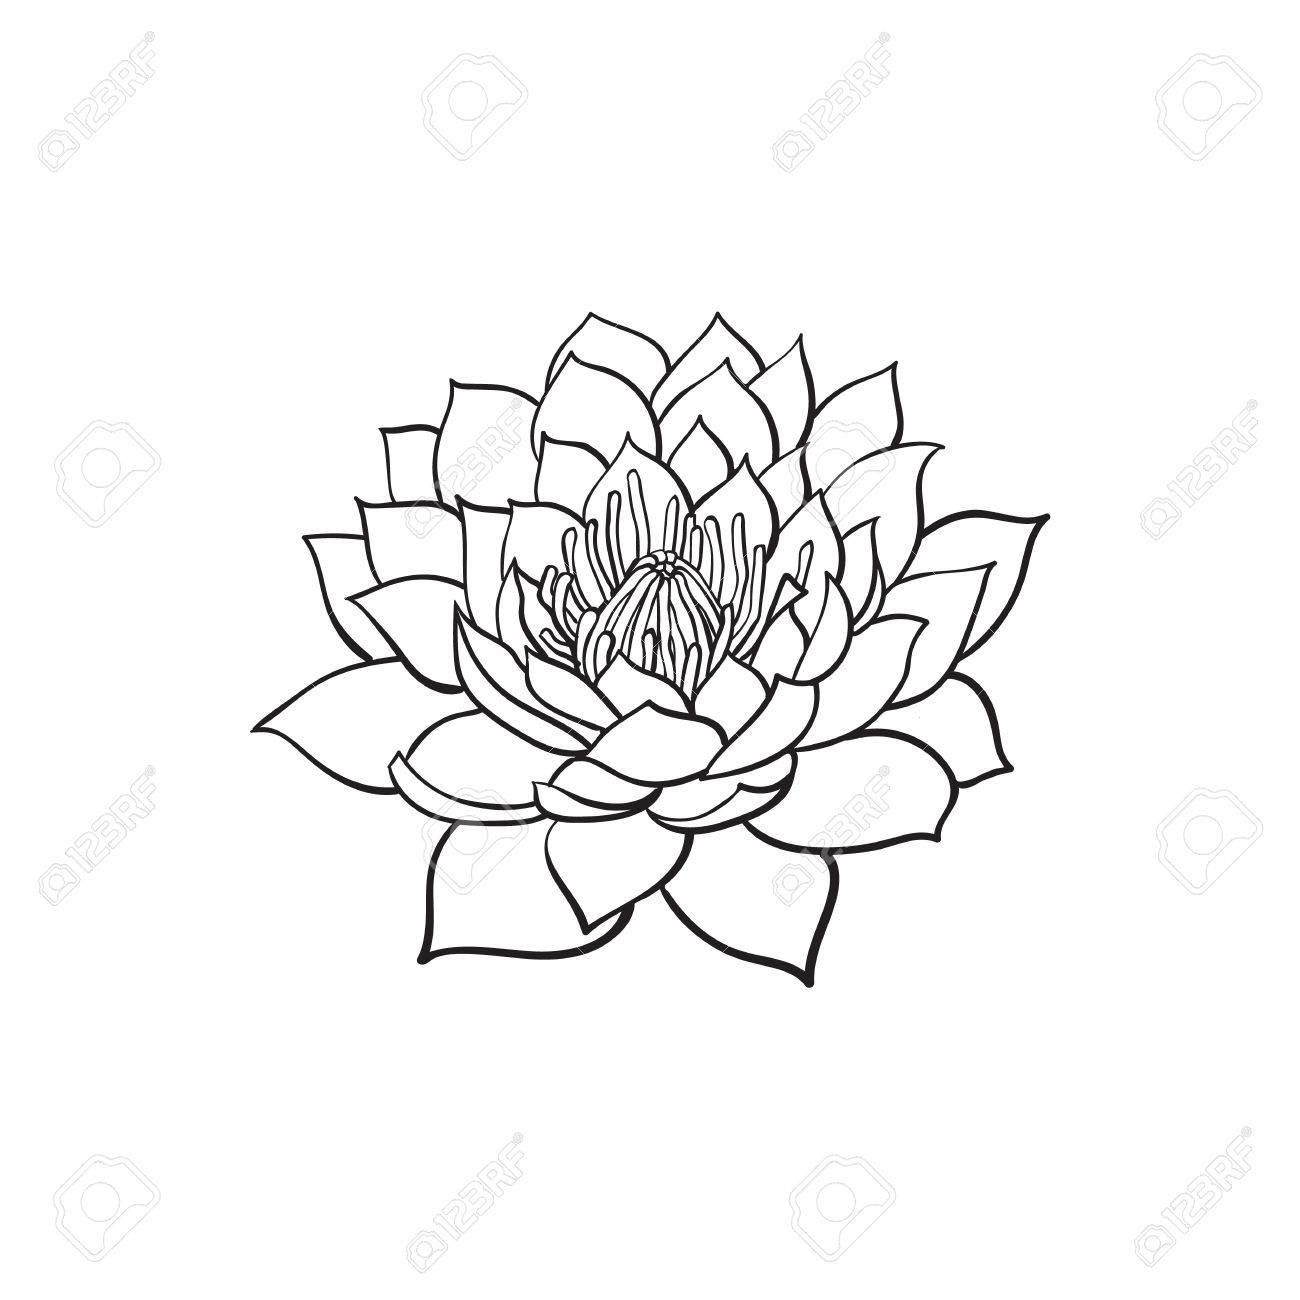 Vector Dibujo Flor De Loto De Dibujos Animados Flor En Flor